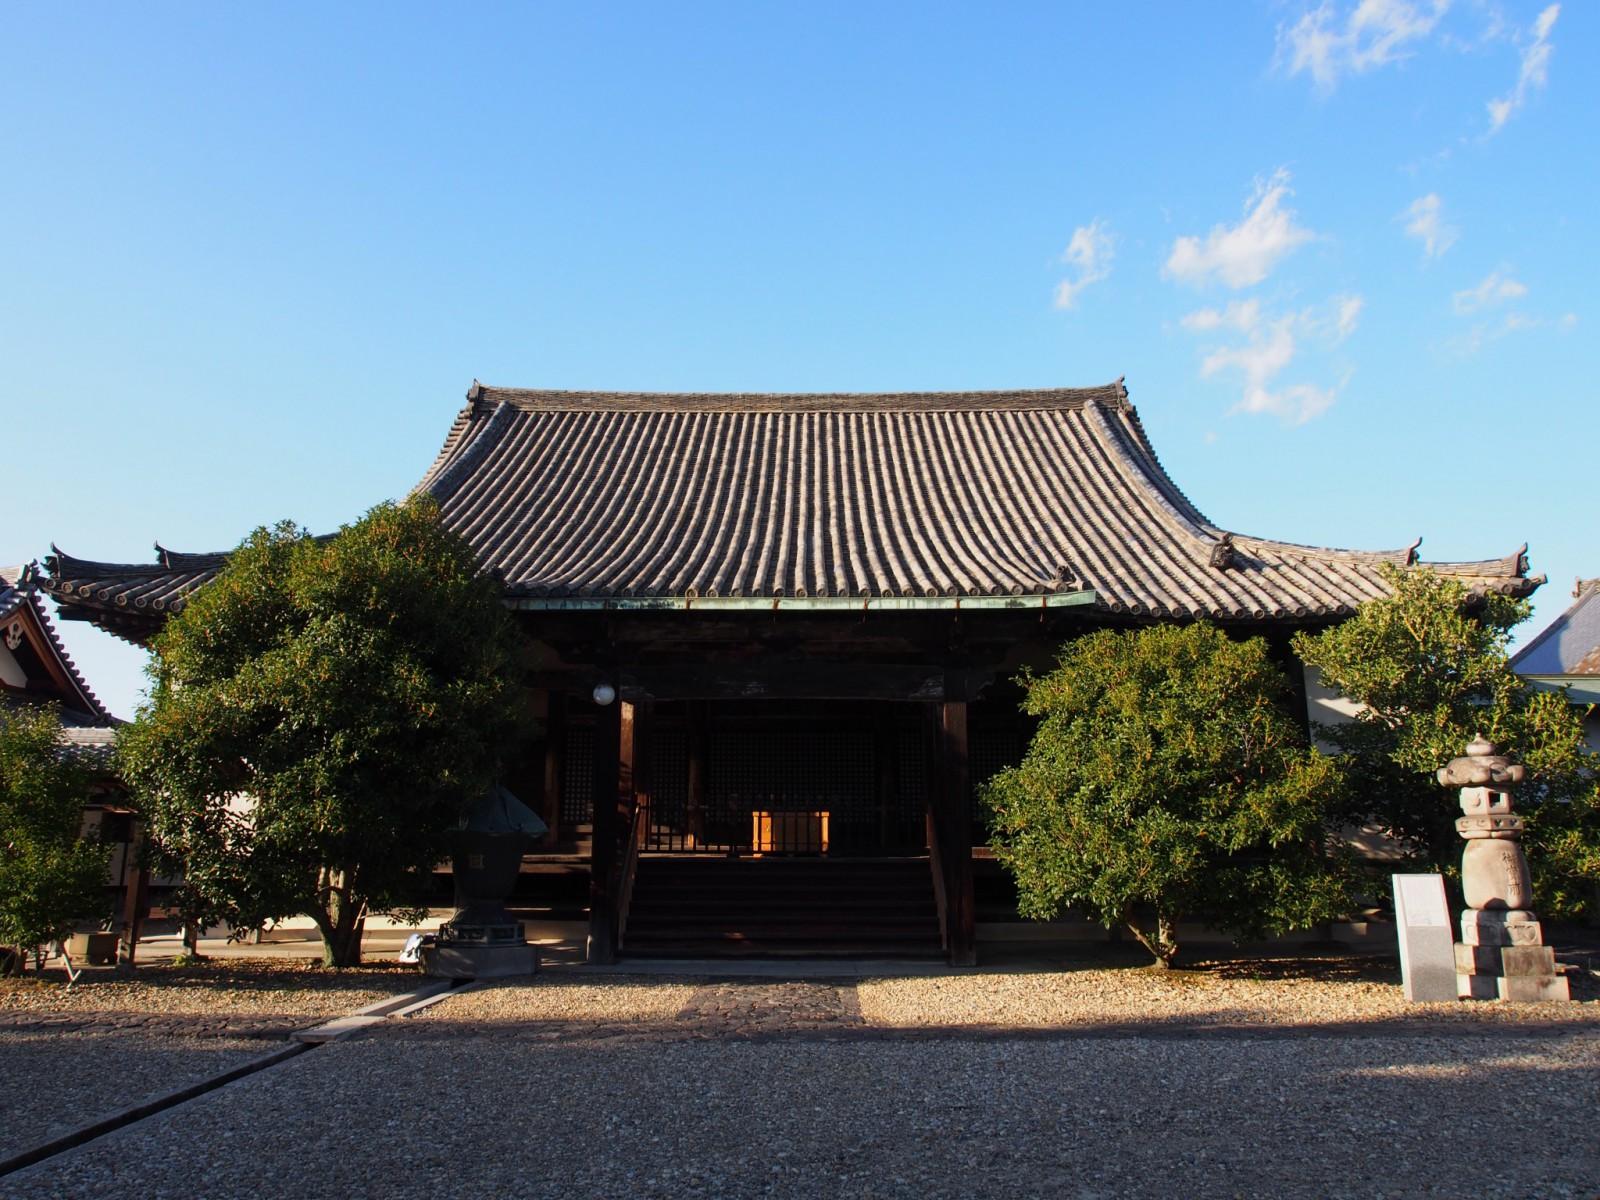 蓮長寺本堂